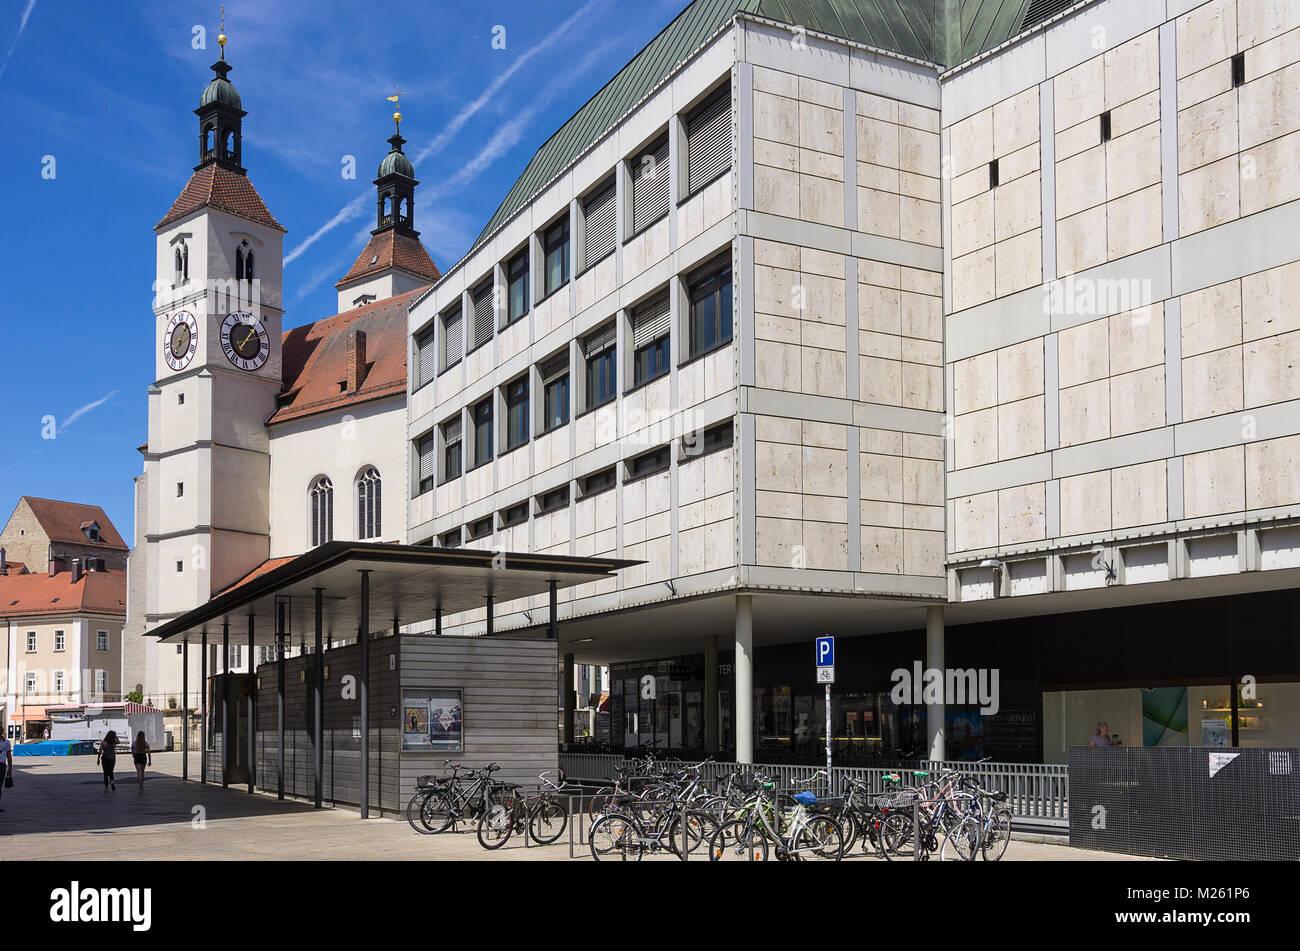 Church neupfarrplatz regensburg stockfotos church neupfarrplatz regensburg bilder alamy - Moderne architektur in deutschland ...